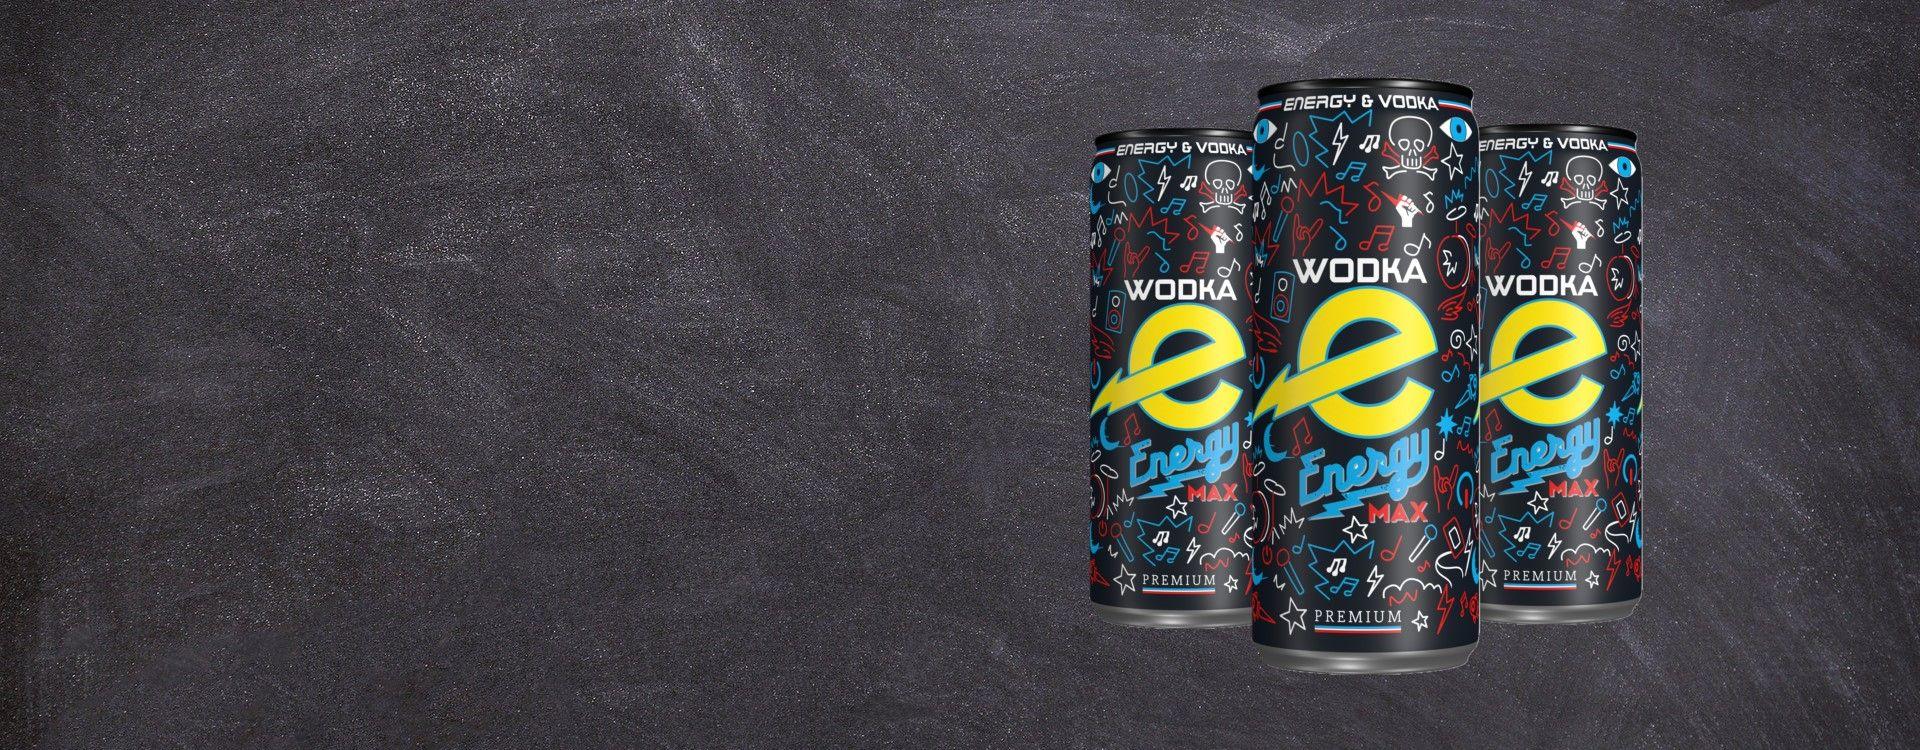 E-Wodka-Slider